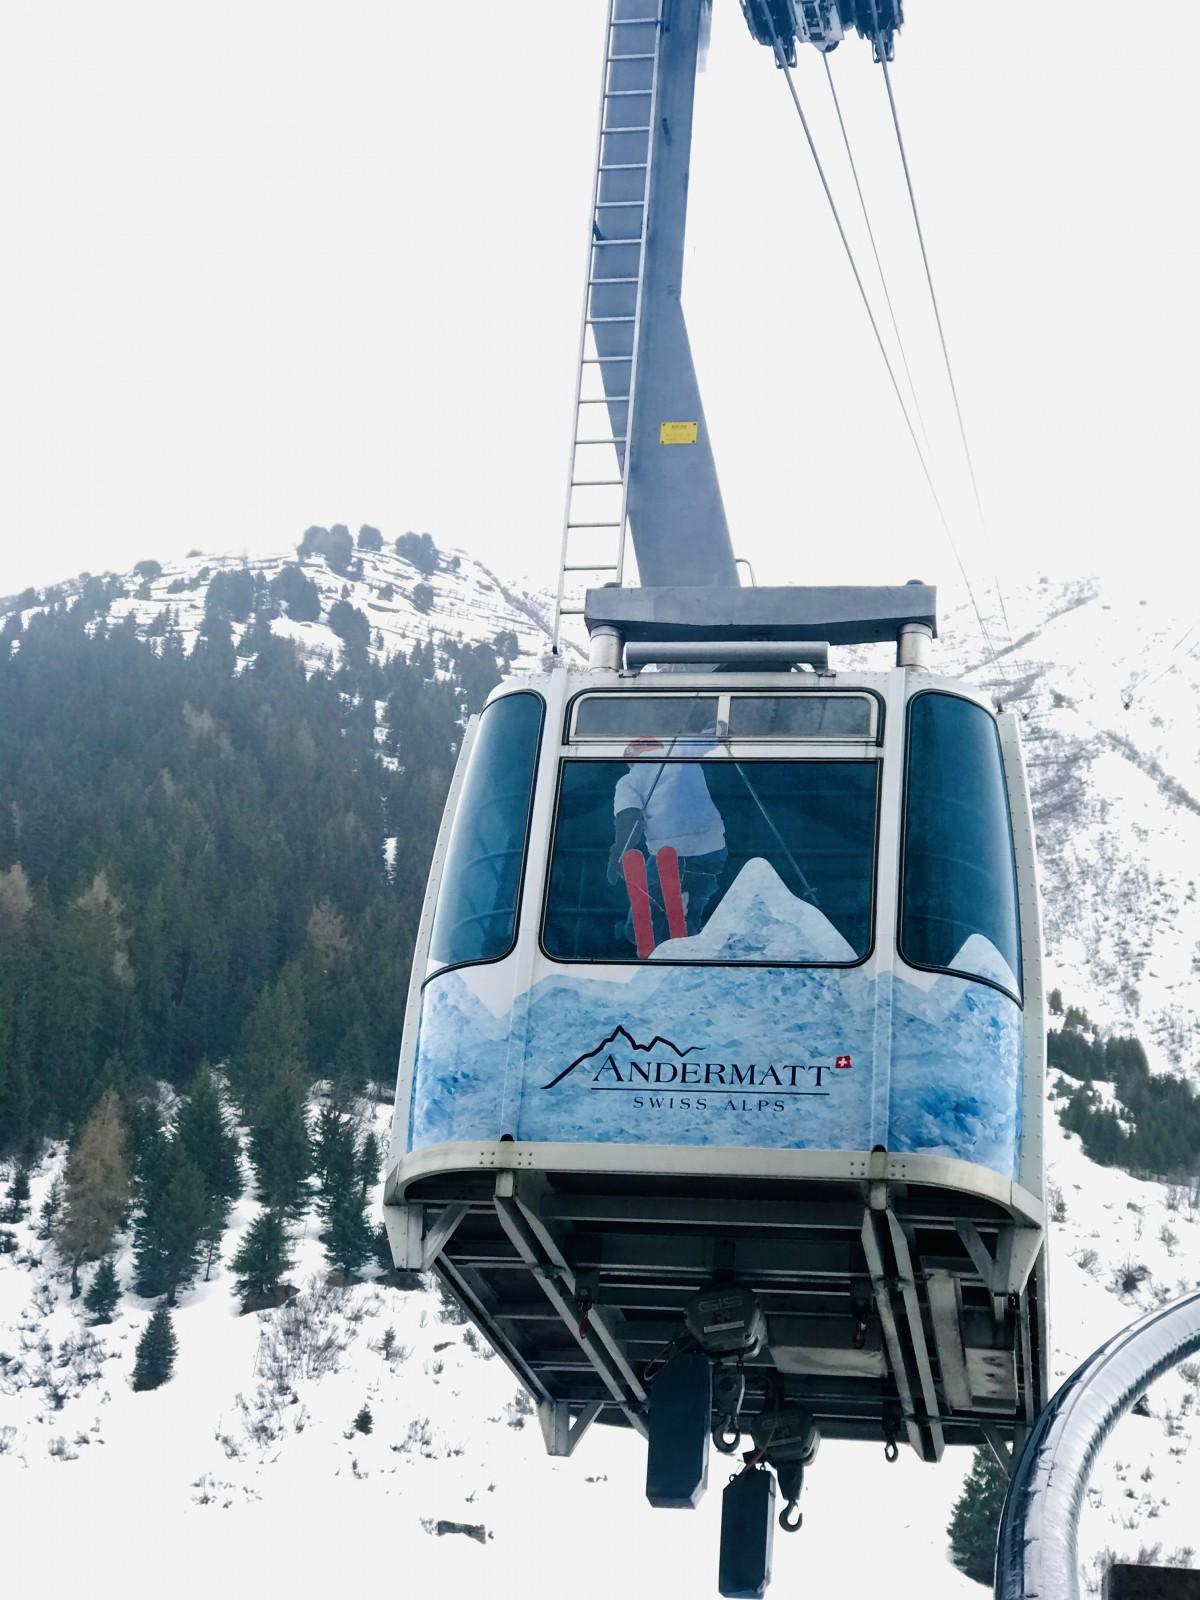 Deze grote gondel brengt ons naar Gurschen en uiteindelijk naar de top van de Gemsstock op 2961 meter. Foto: Pauline van der Waal